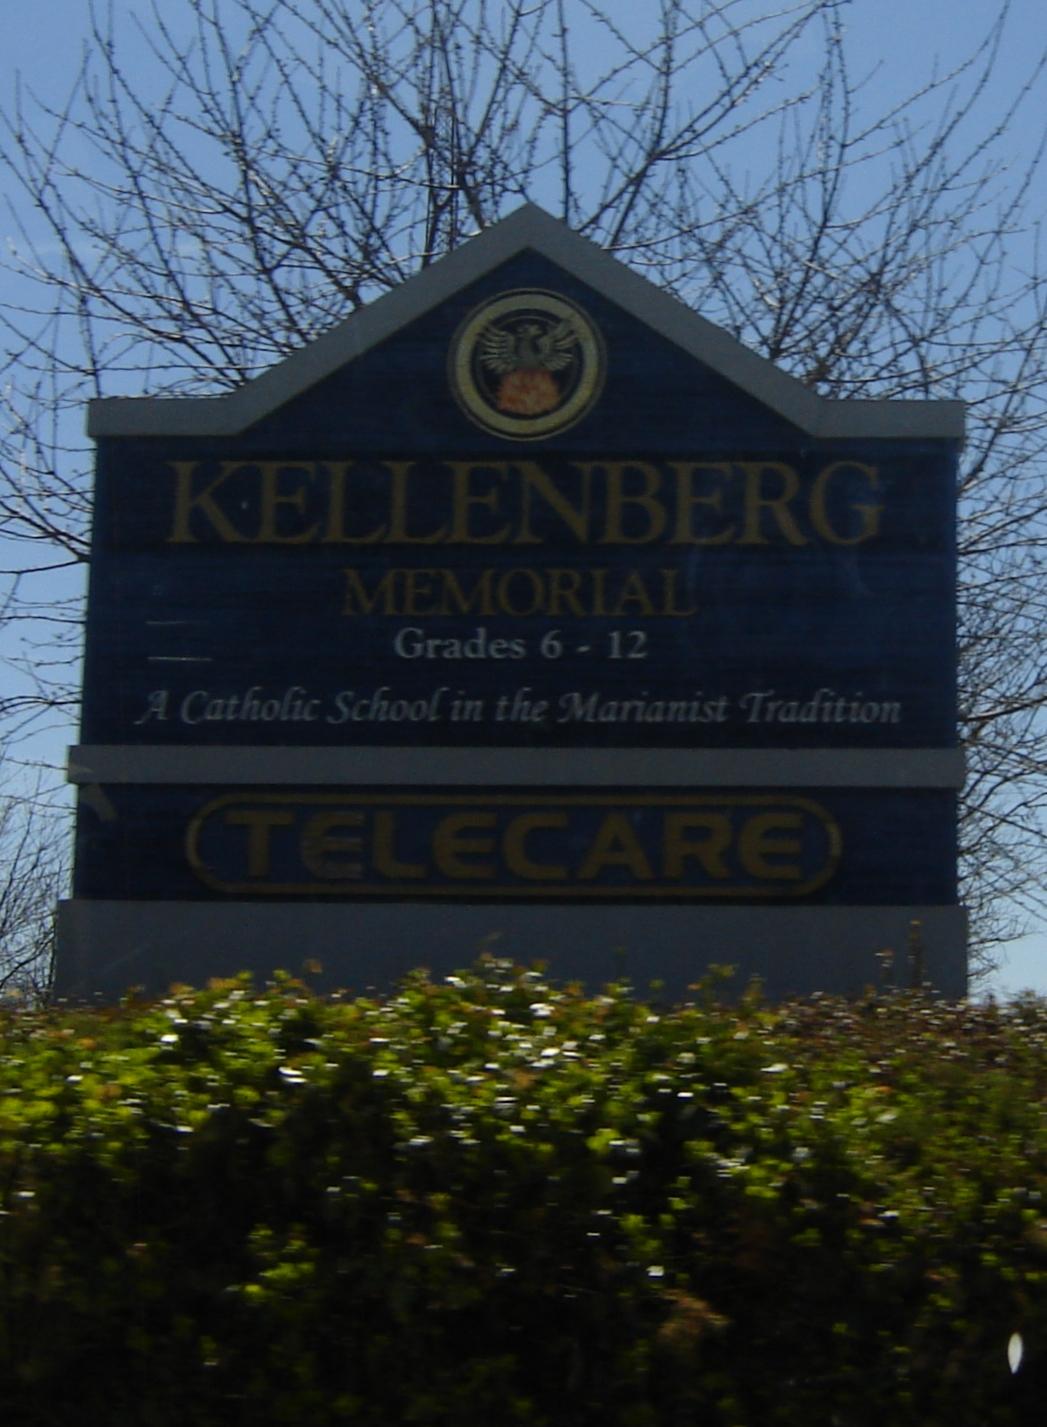 Kellenberg Memorial Hi...N Class